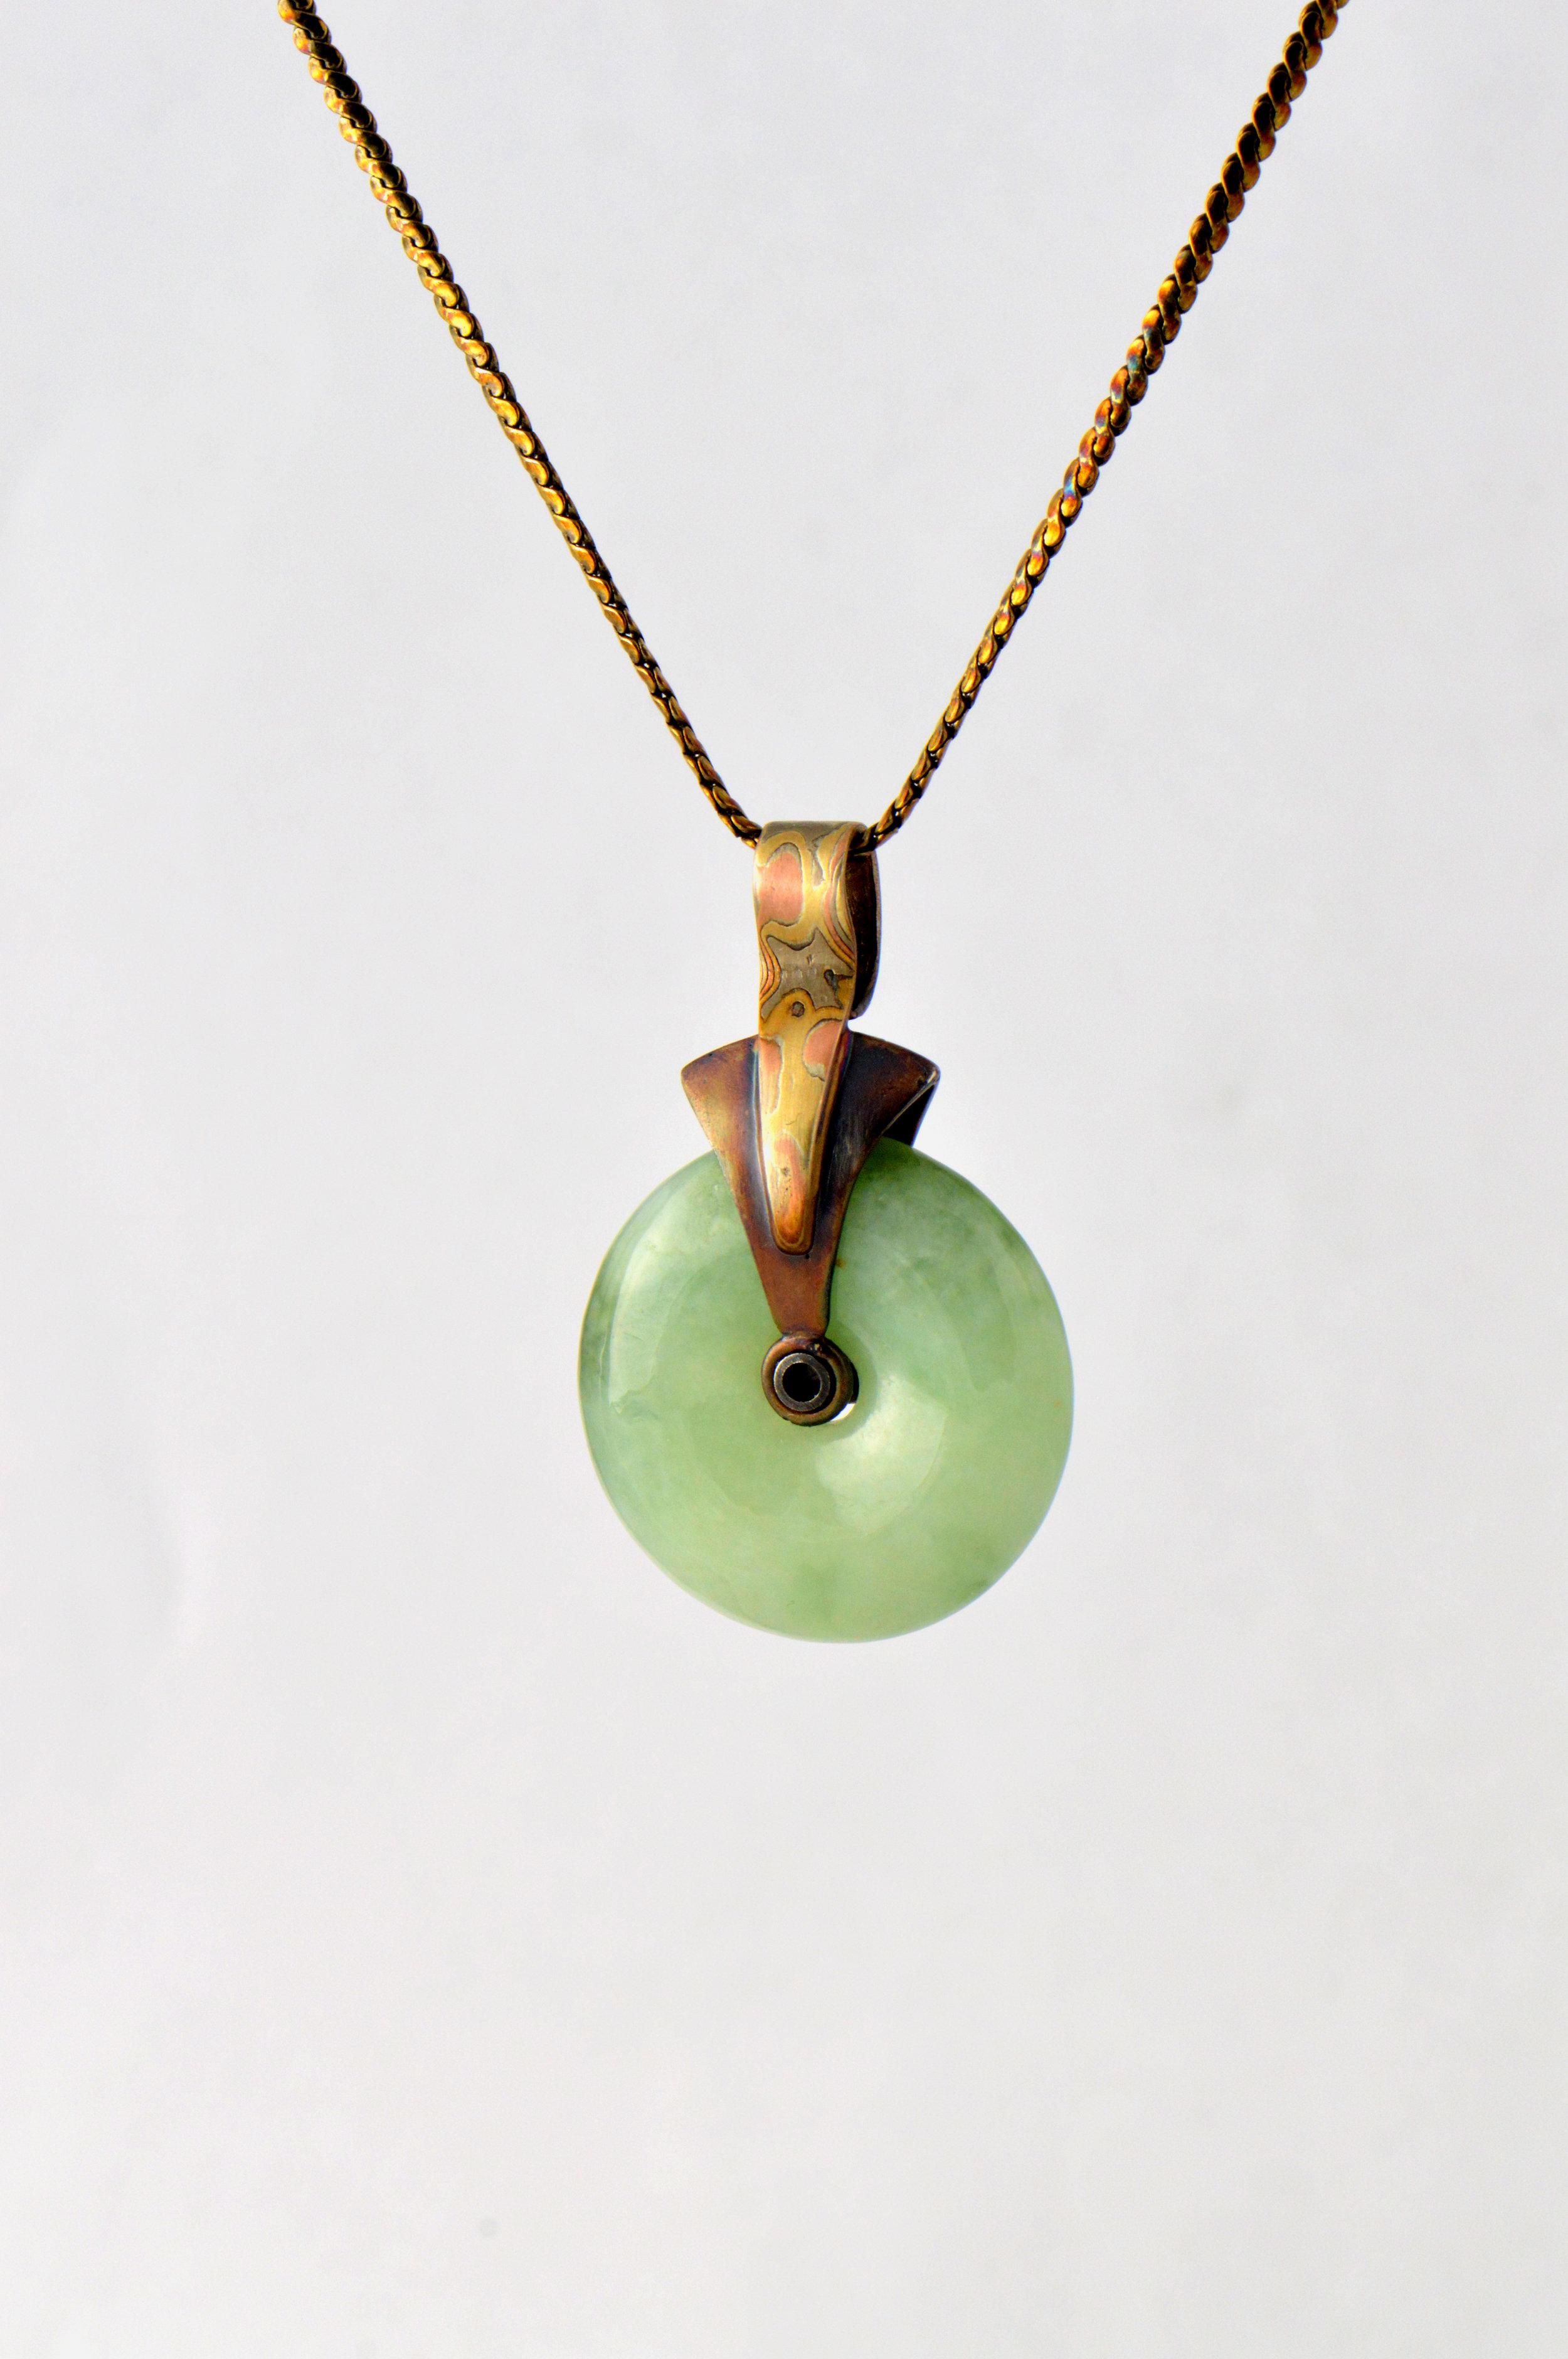 darvier-jade-mokume-pendant-with-patina.JPG